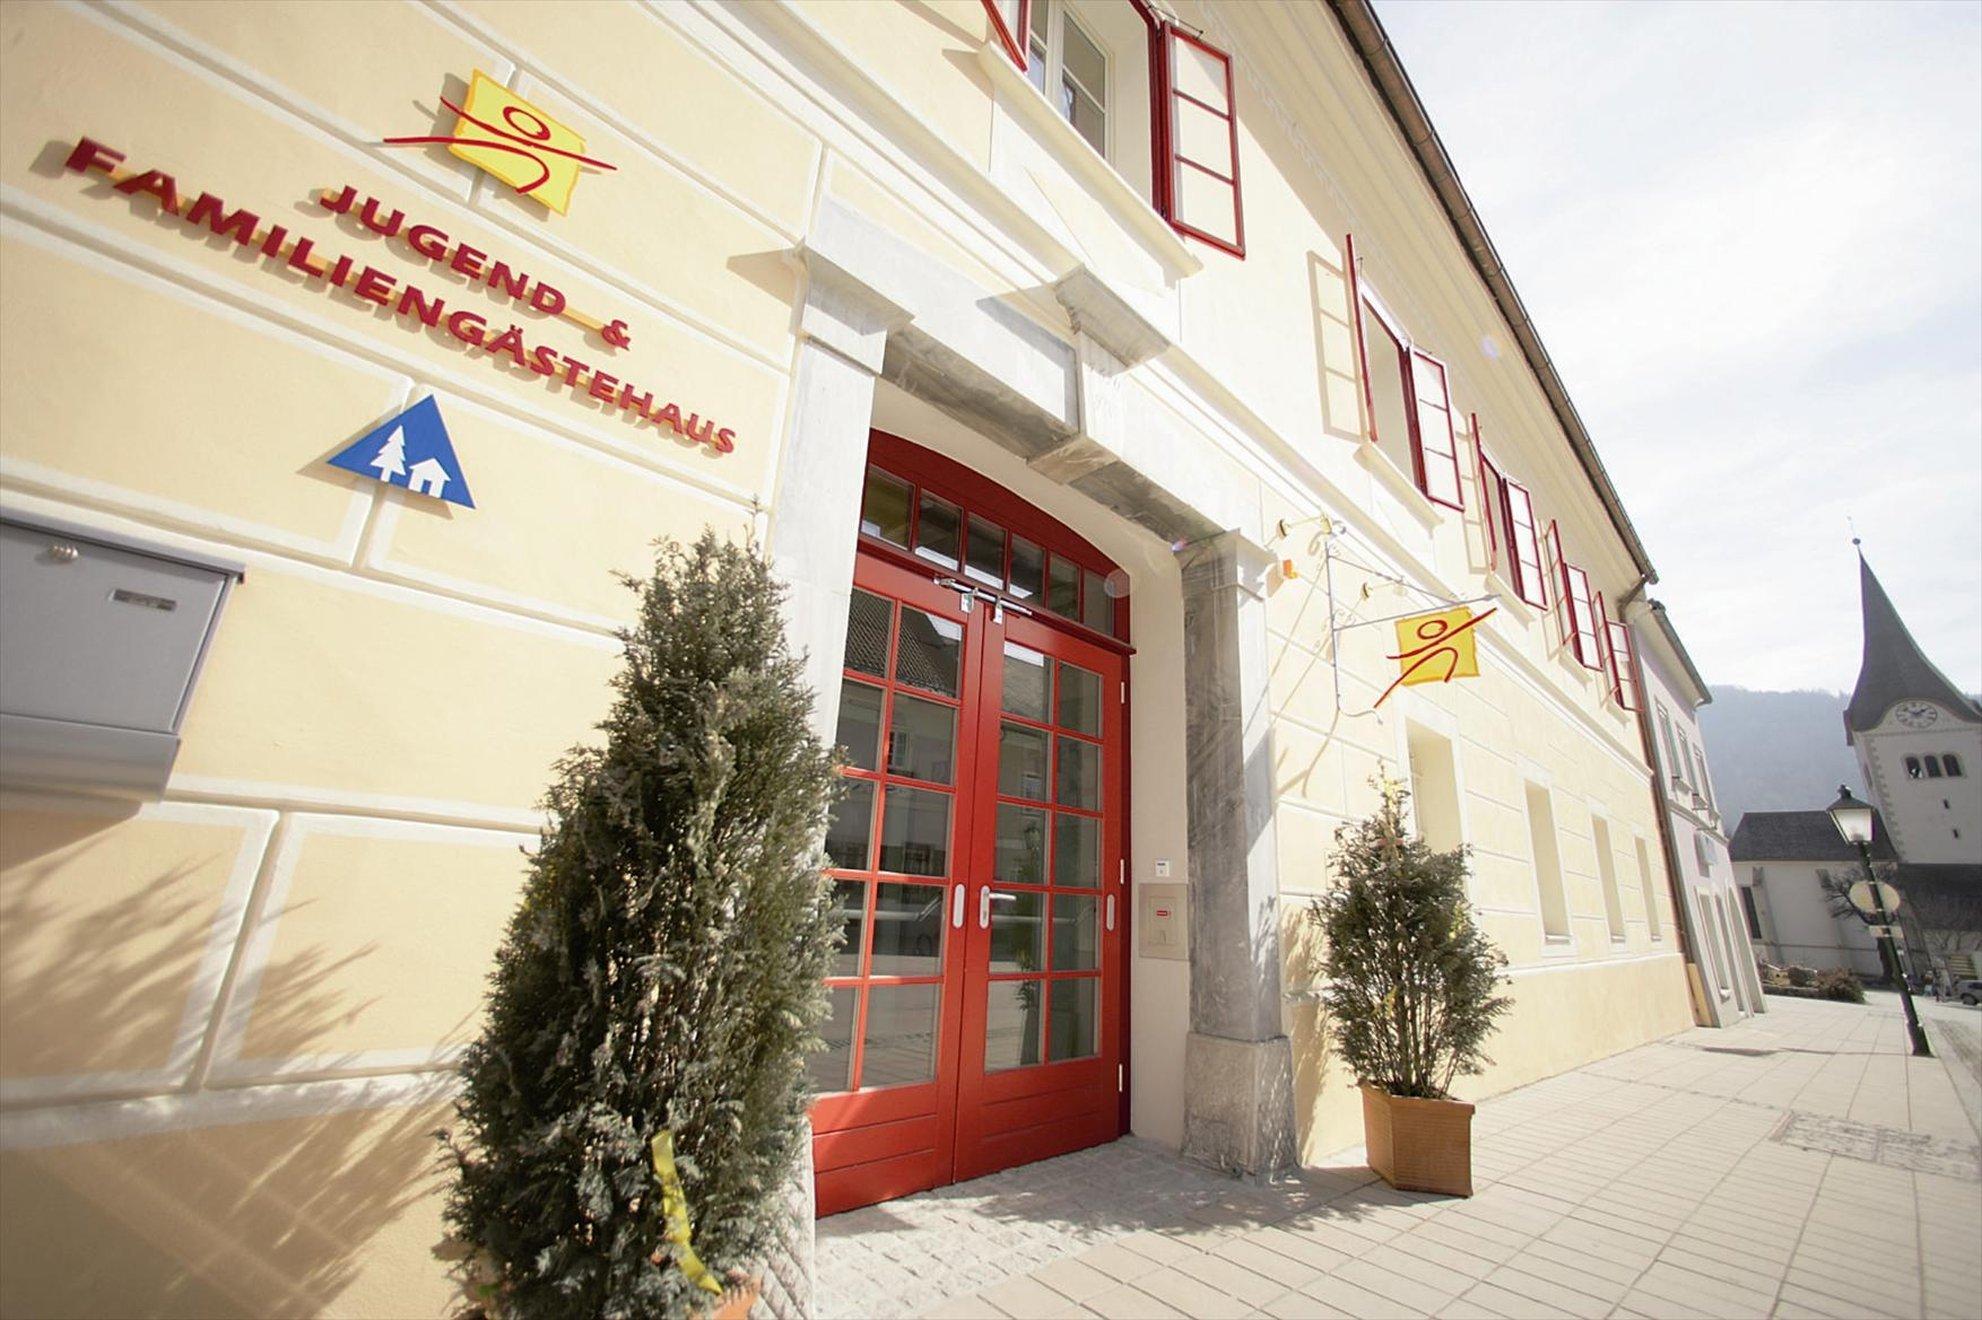 JUFA Hotel Oberwolz